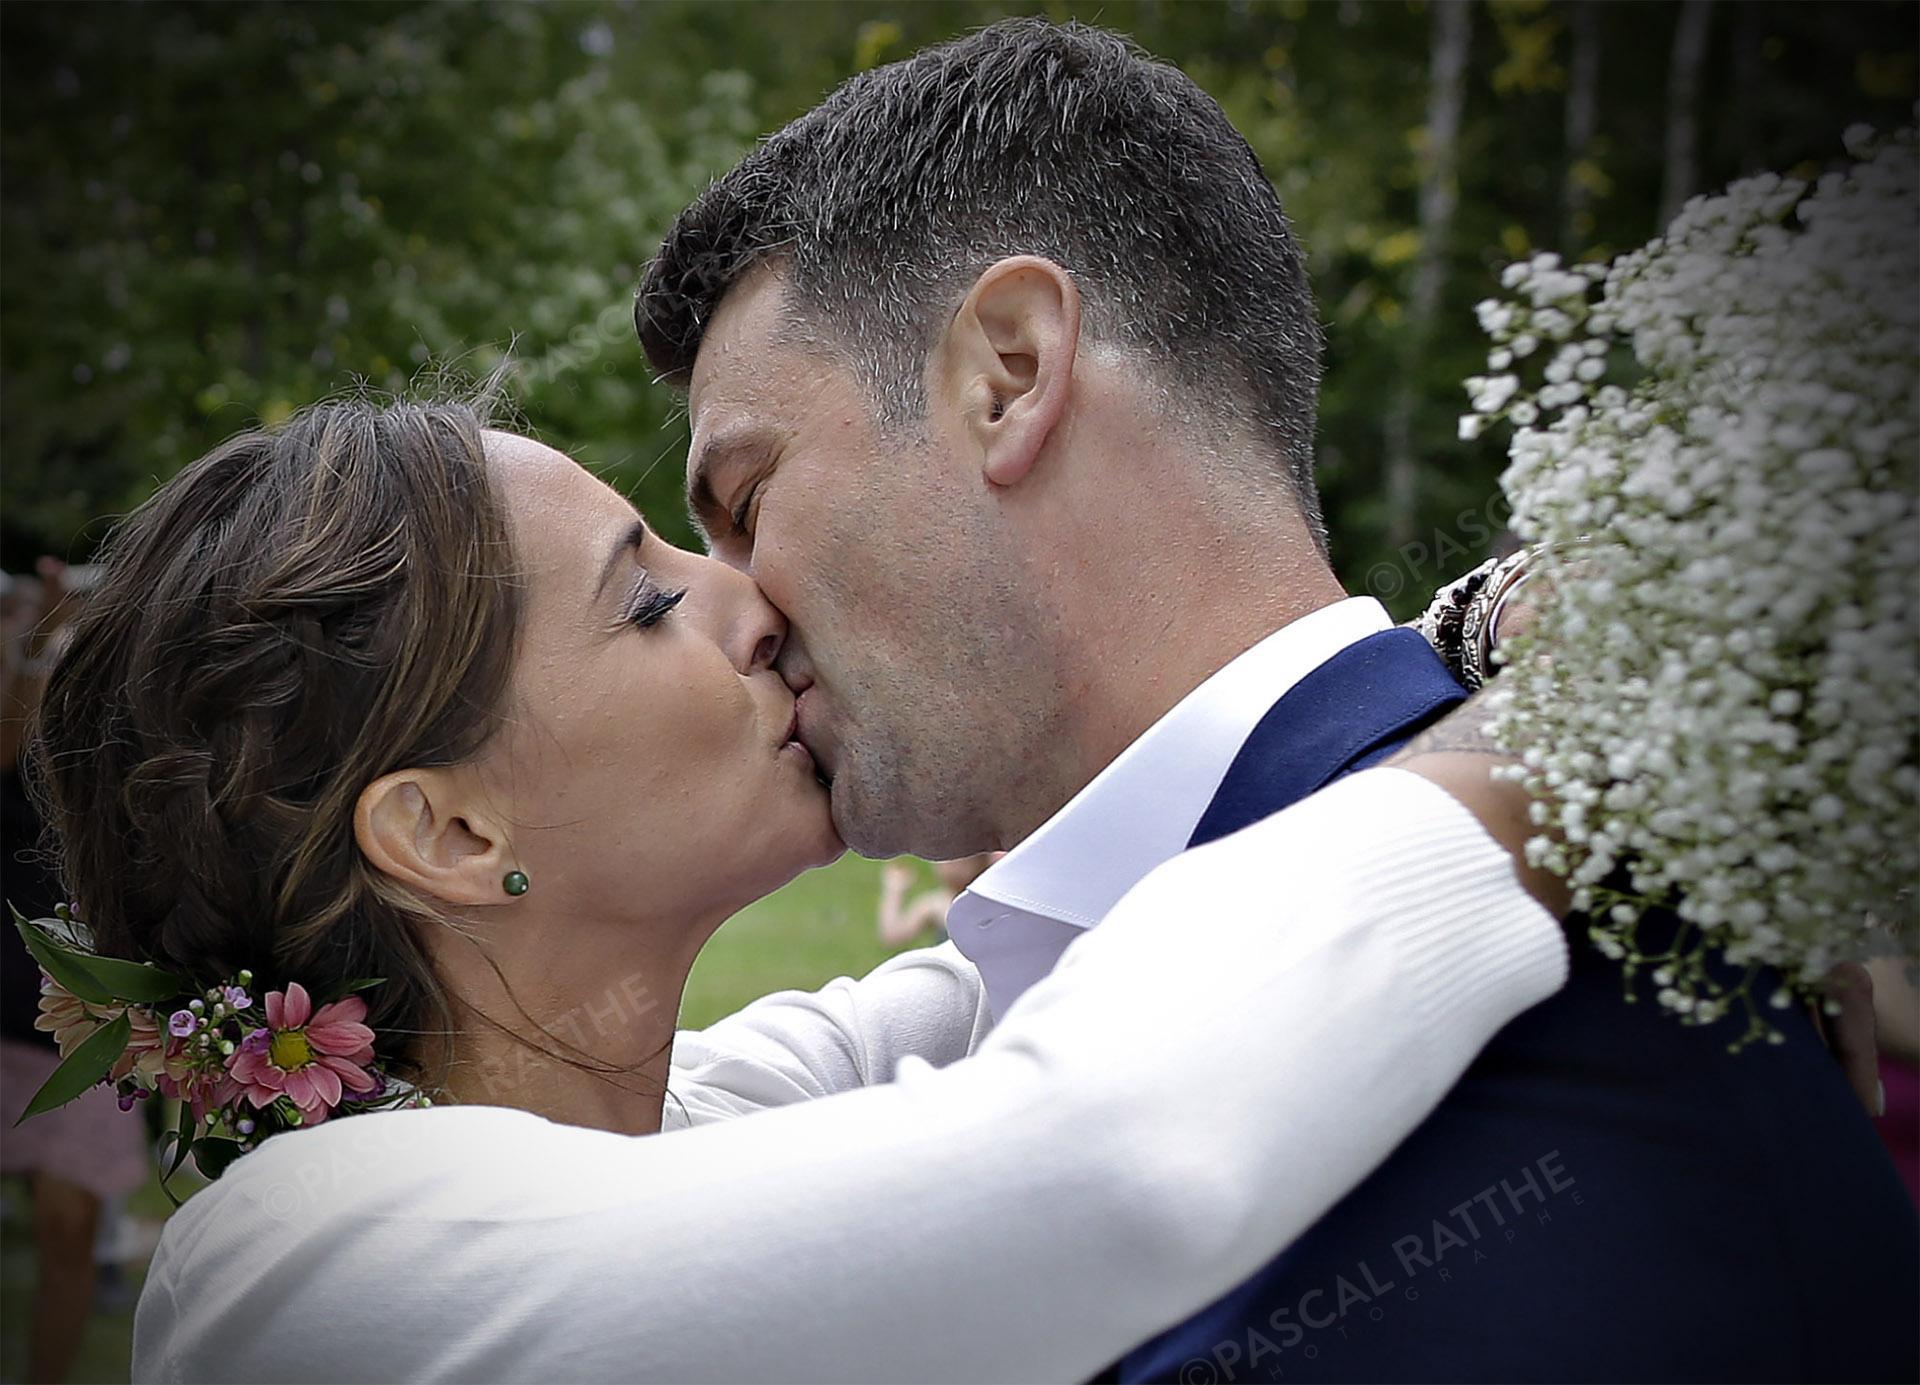 deux nouveaux mariés s'embrassent avec passion durant la cérémonie de mariage